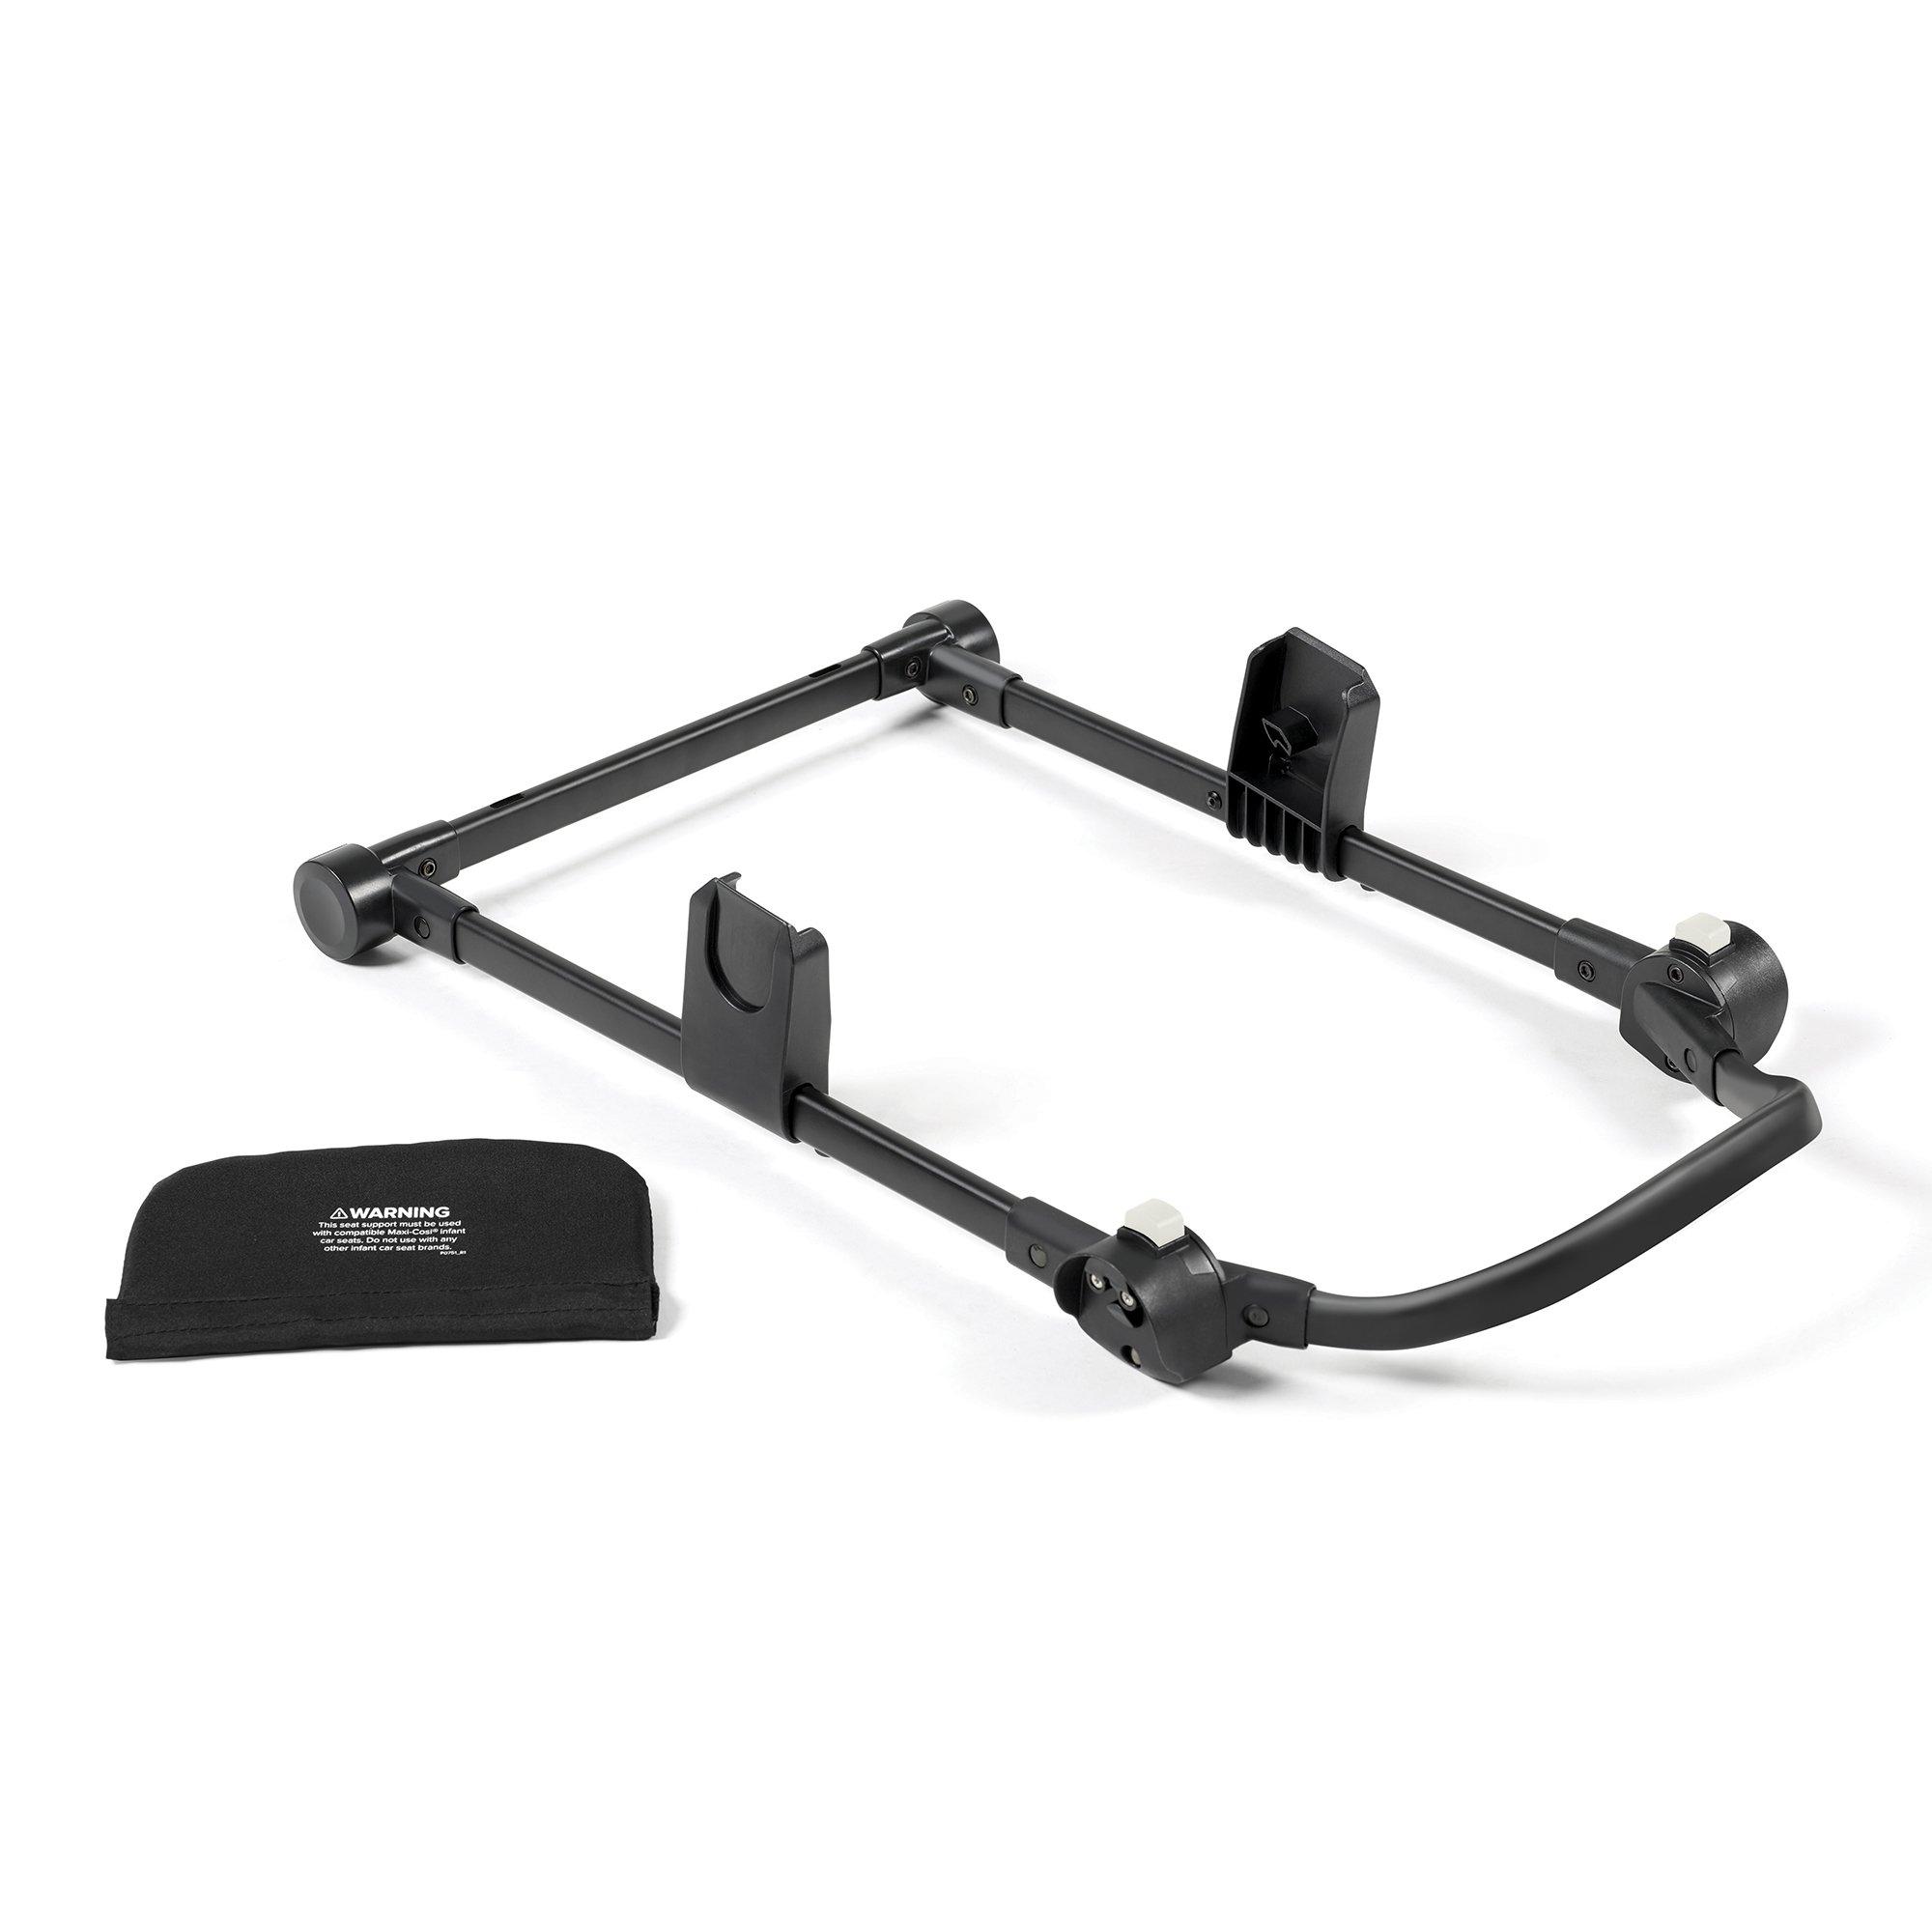 Austlen Baby Co. Entourage Rear Frame Car Seat Adapter, Multi - Cybex, Nuna, Maxi-Cosi